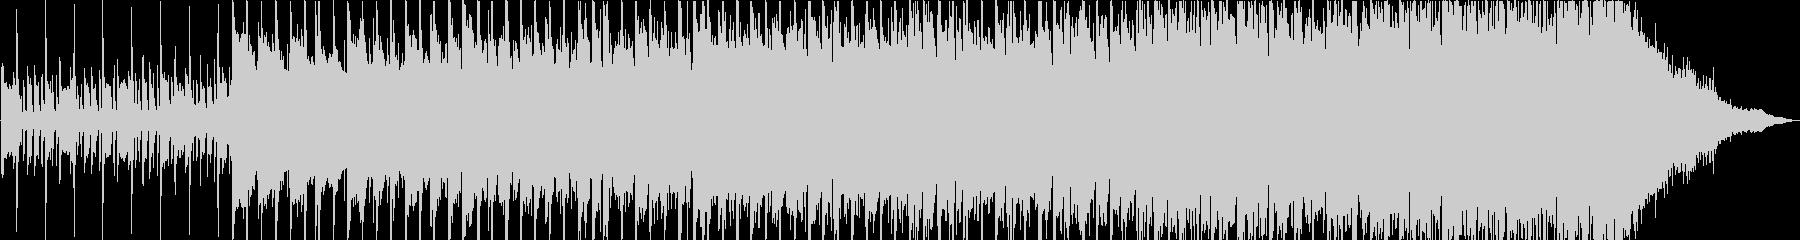 躍動するギターポップロックの未再生の波形